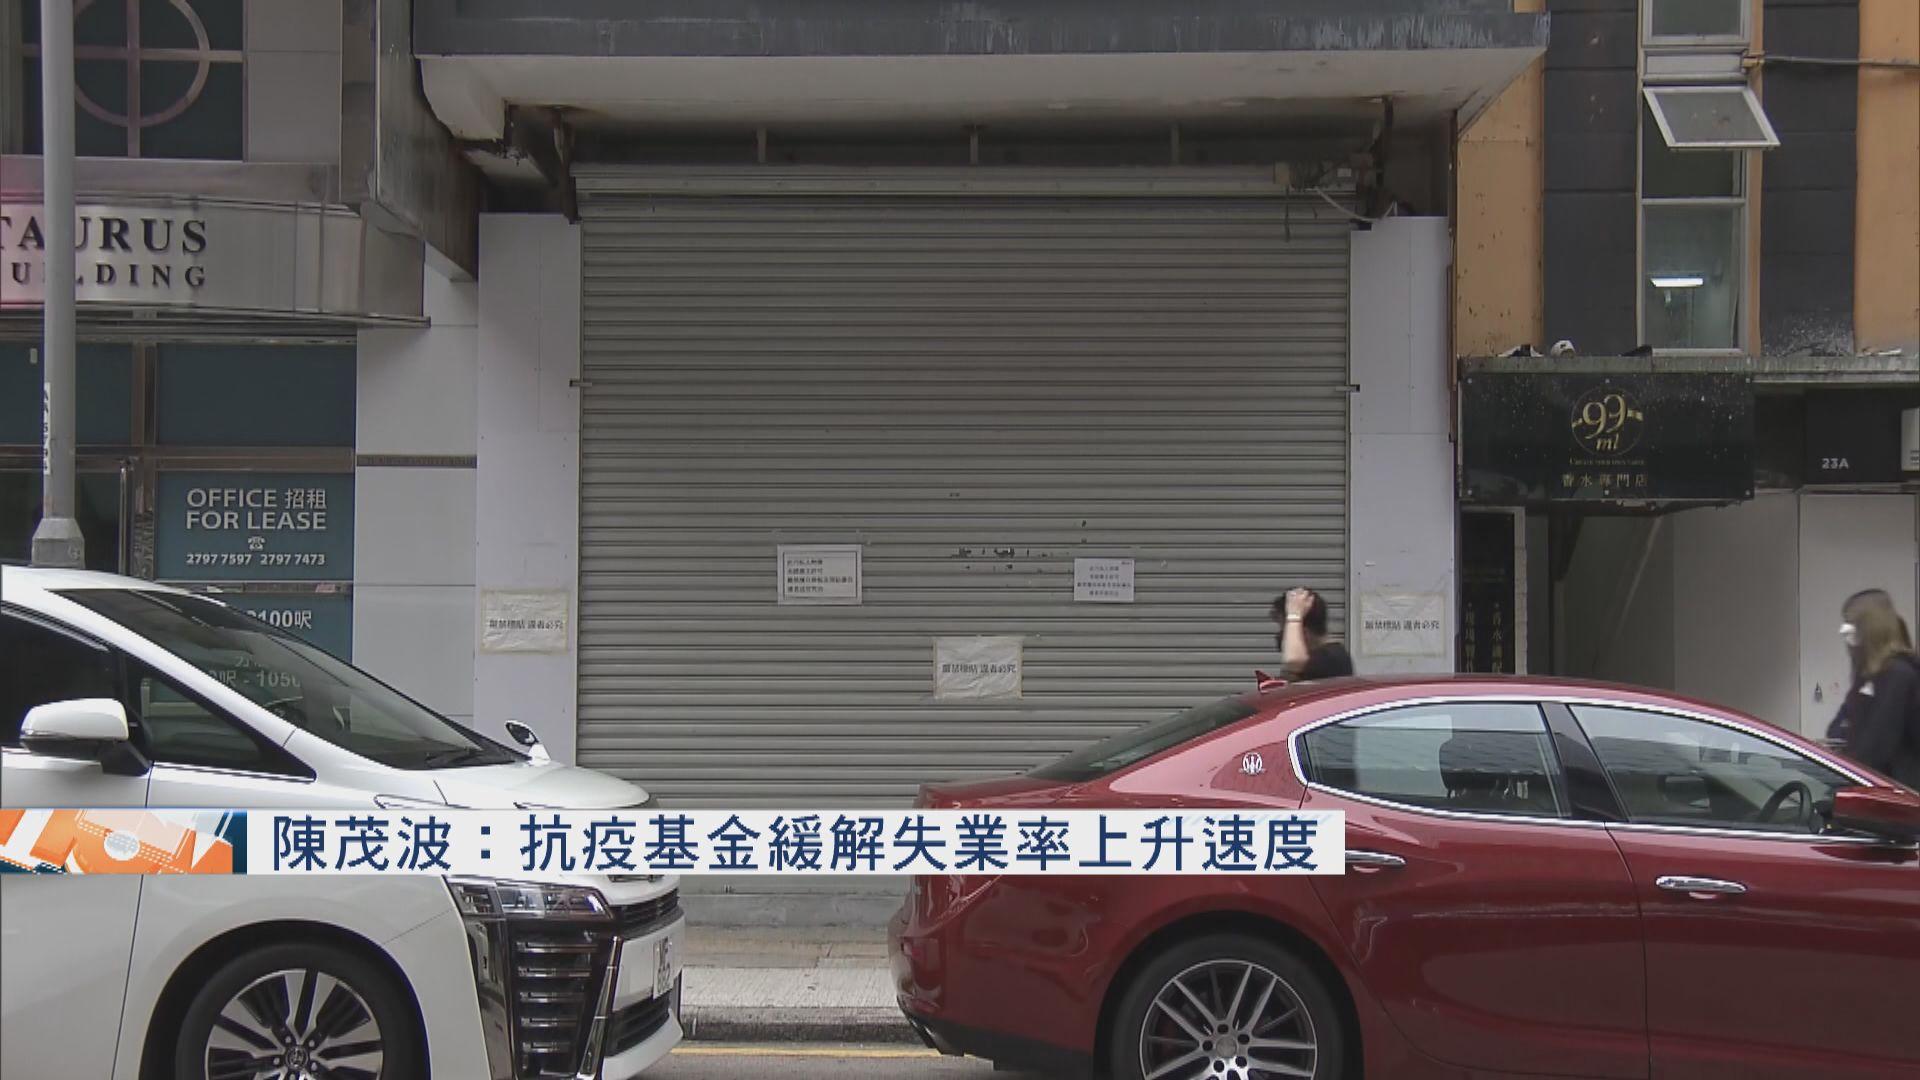 陳茂波:抗疫基金緩解失業率上升速度